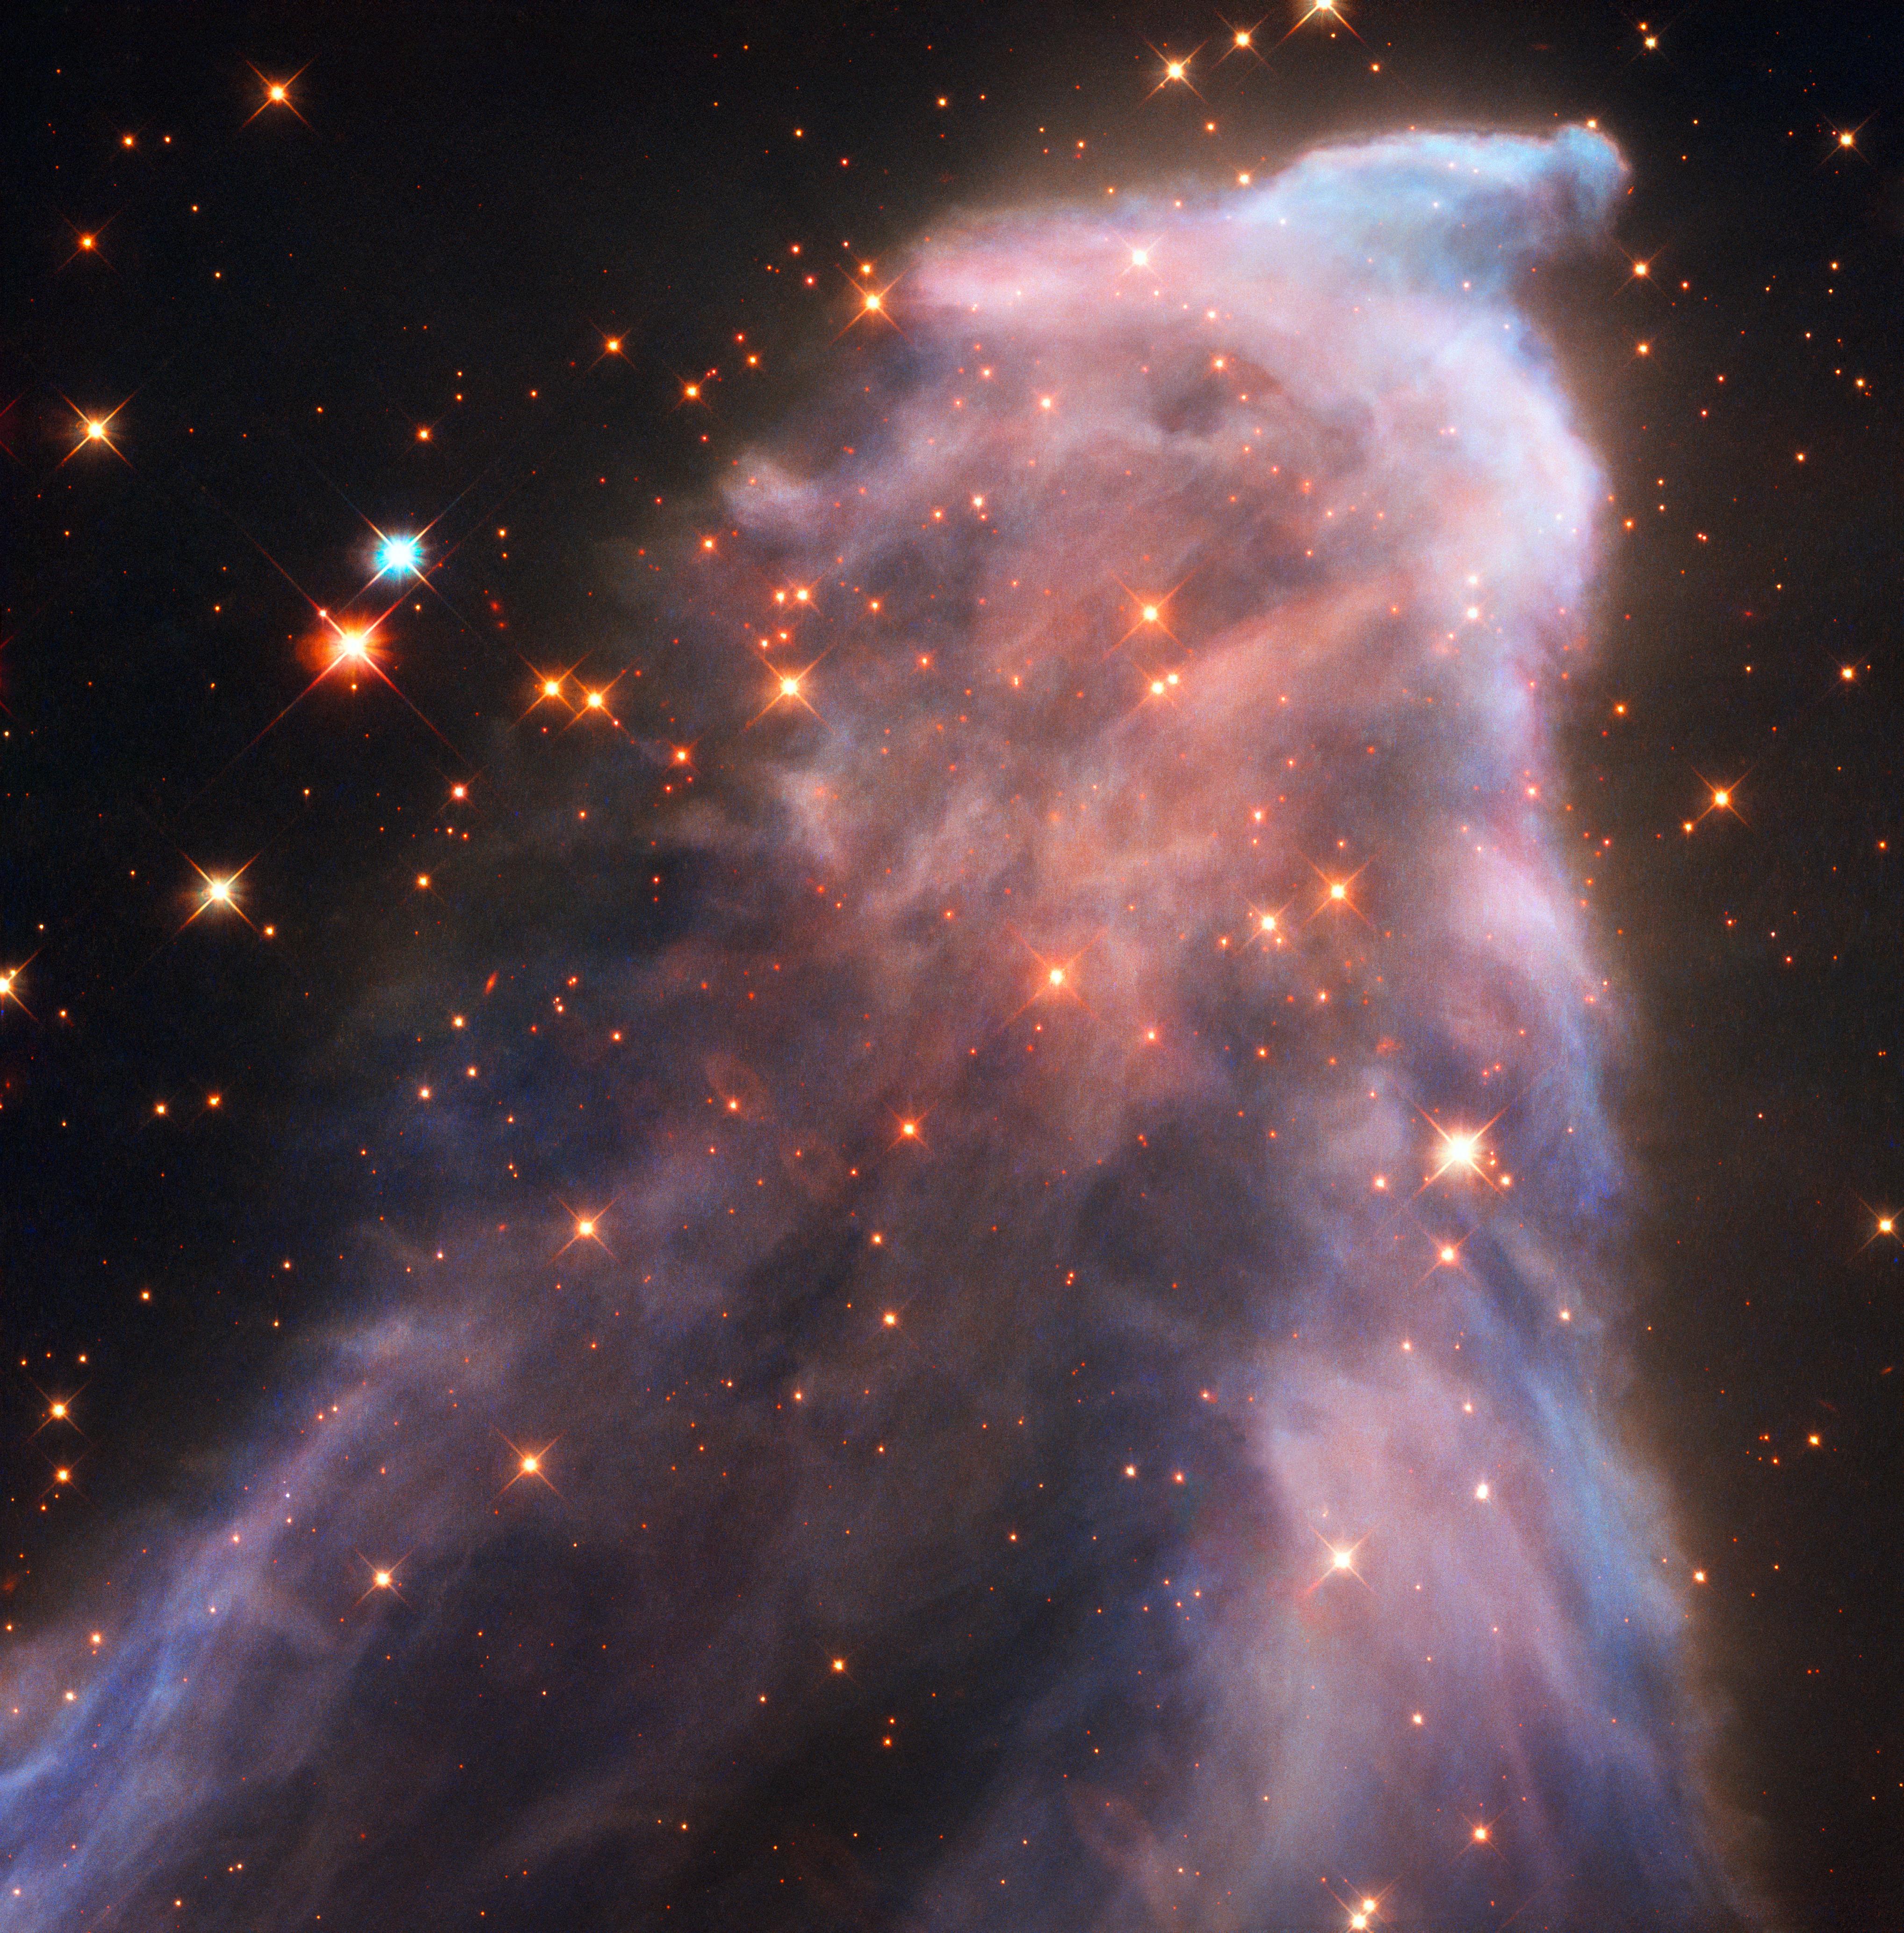 El fantasma de Cassiopeia también conocido como IC 63, ubicado a 550 años luz de la constelación de La Reina Cassiopeia. Imagen de NASA.